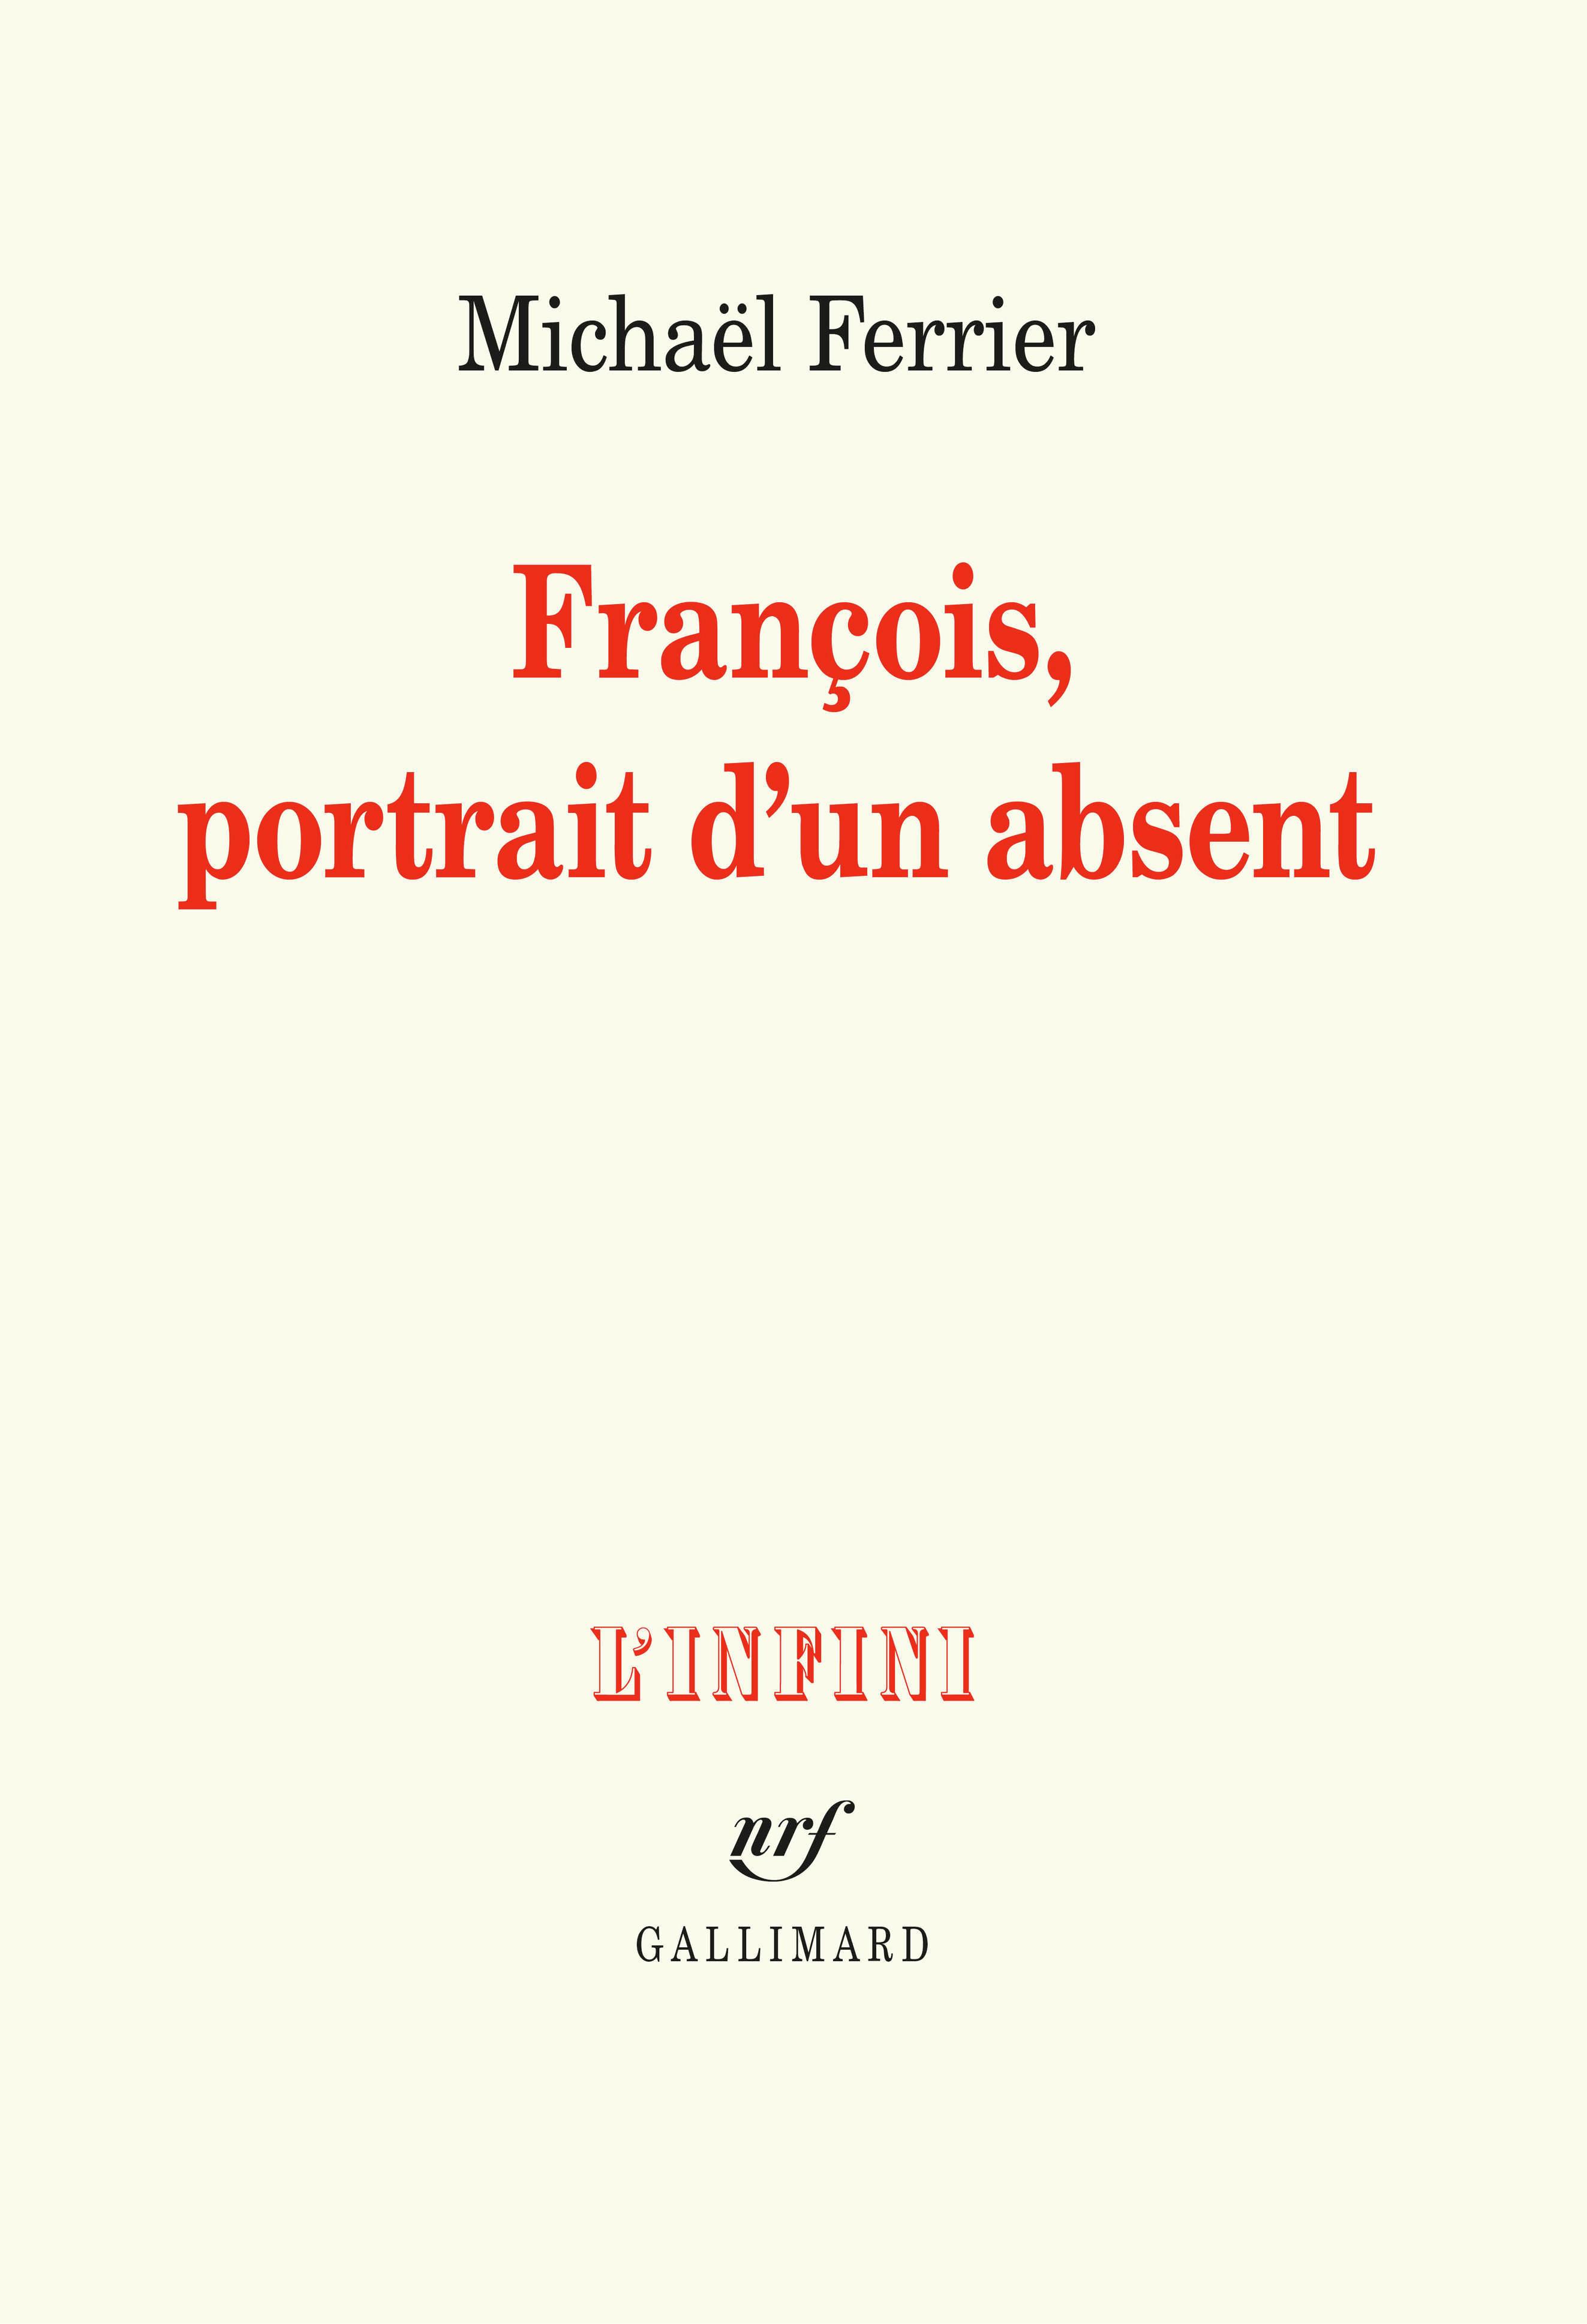 L'INFINI - FRANCOIS, PORTRAIT D'UN ABSENT